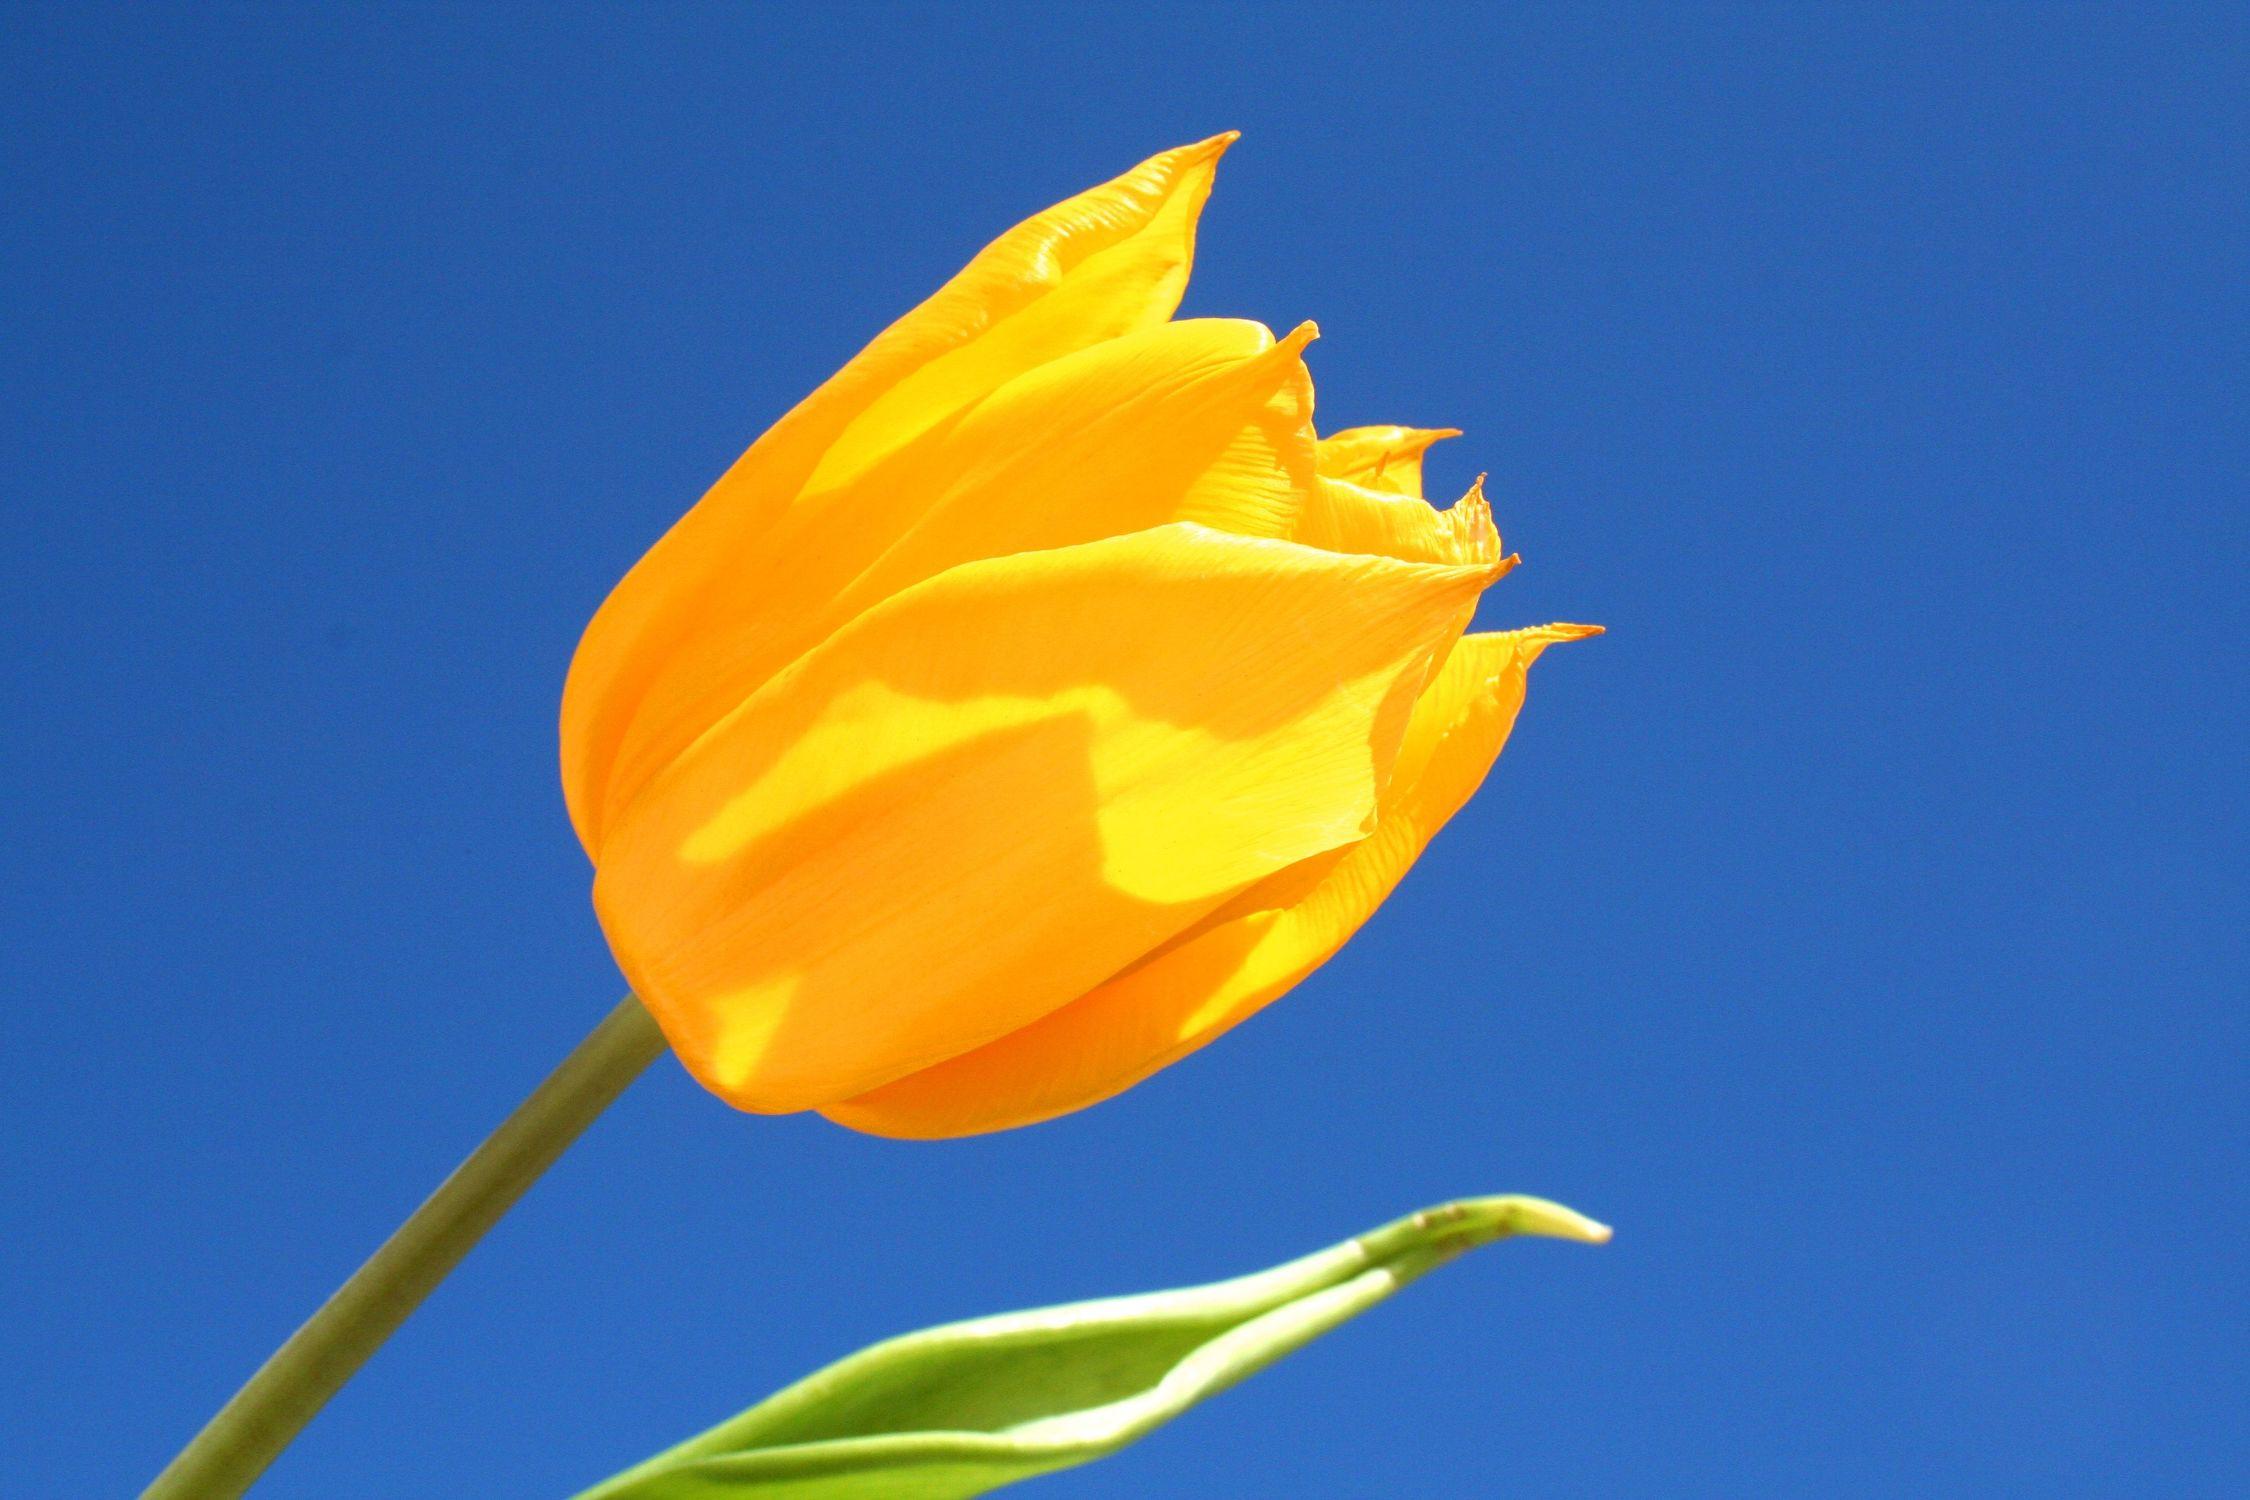 Bild mit Farben, Gelb, Gelb, Natur, Pflanzen, Himmel, Blumen, Blumen, Blume, Pflanze, Tulpe, Tulips, Tulpen, gelbe Tulpe, Tulipa, Flower, Flowers, Tulip, gelbe Tulpen, yellow tulip, yellow tulips, yellow